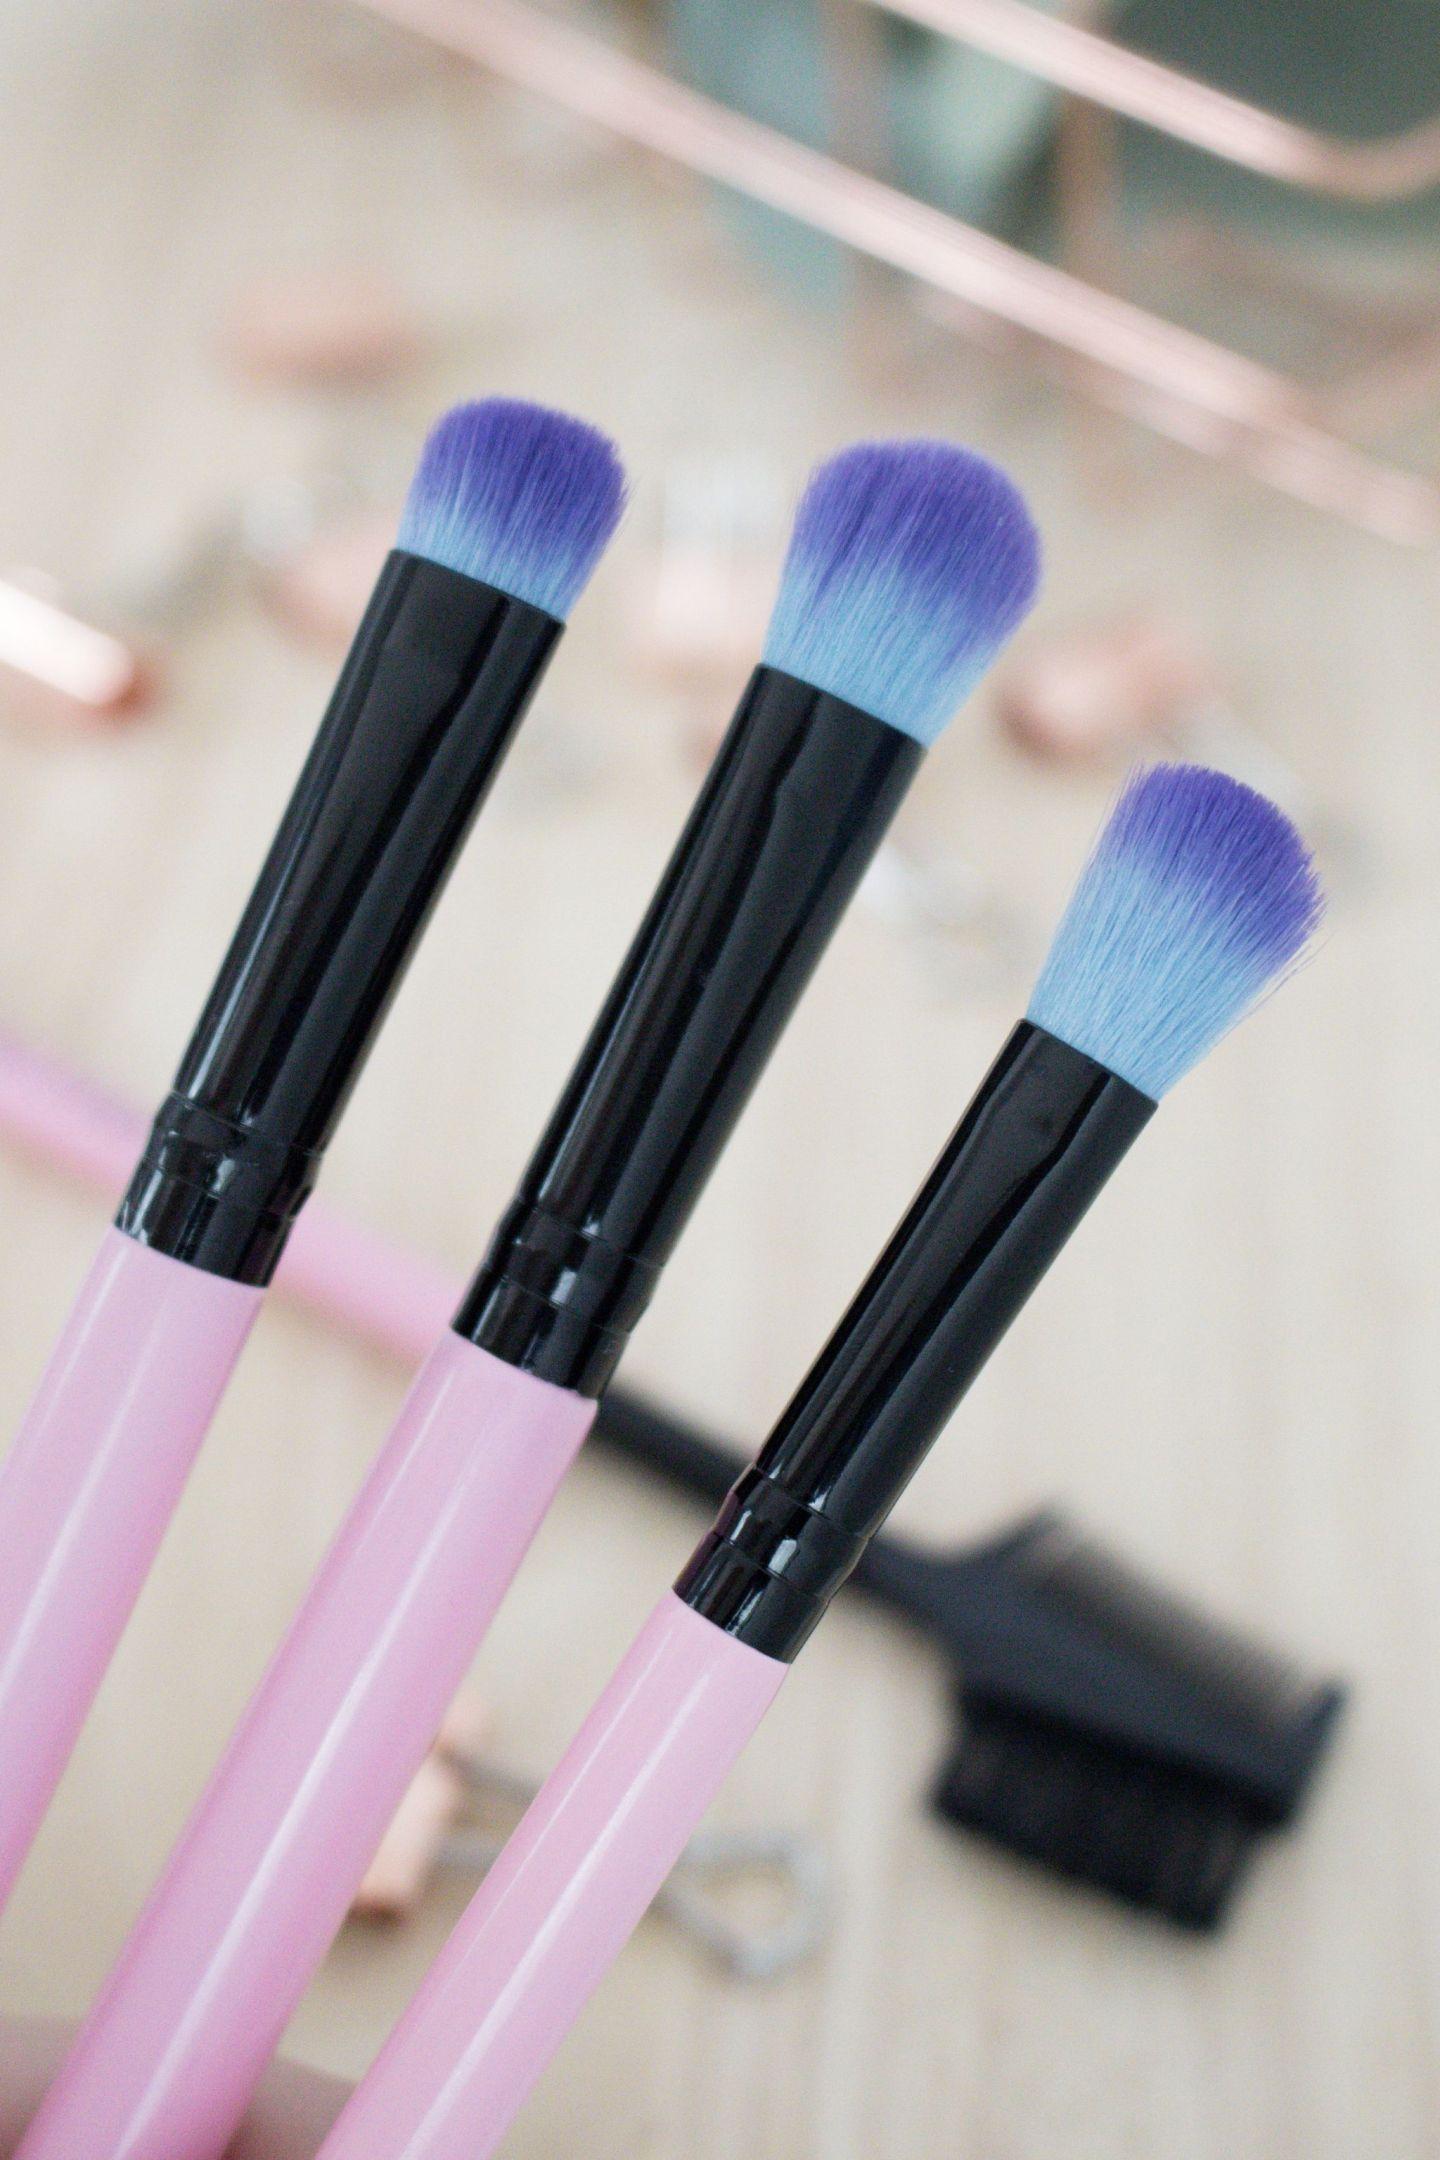 Spectrum Millennial Pink Blending Brushes